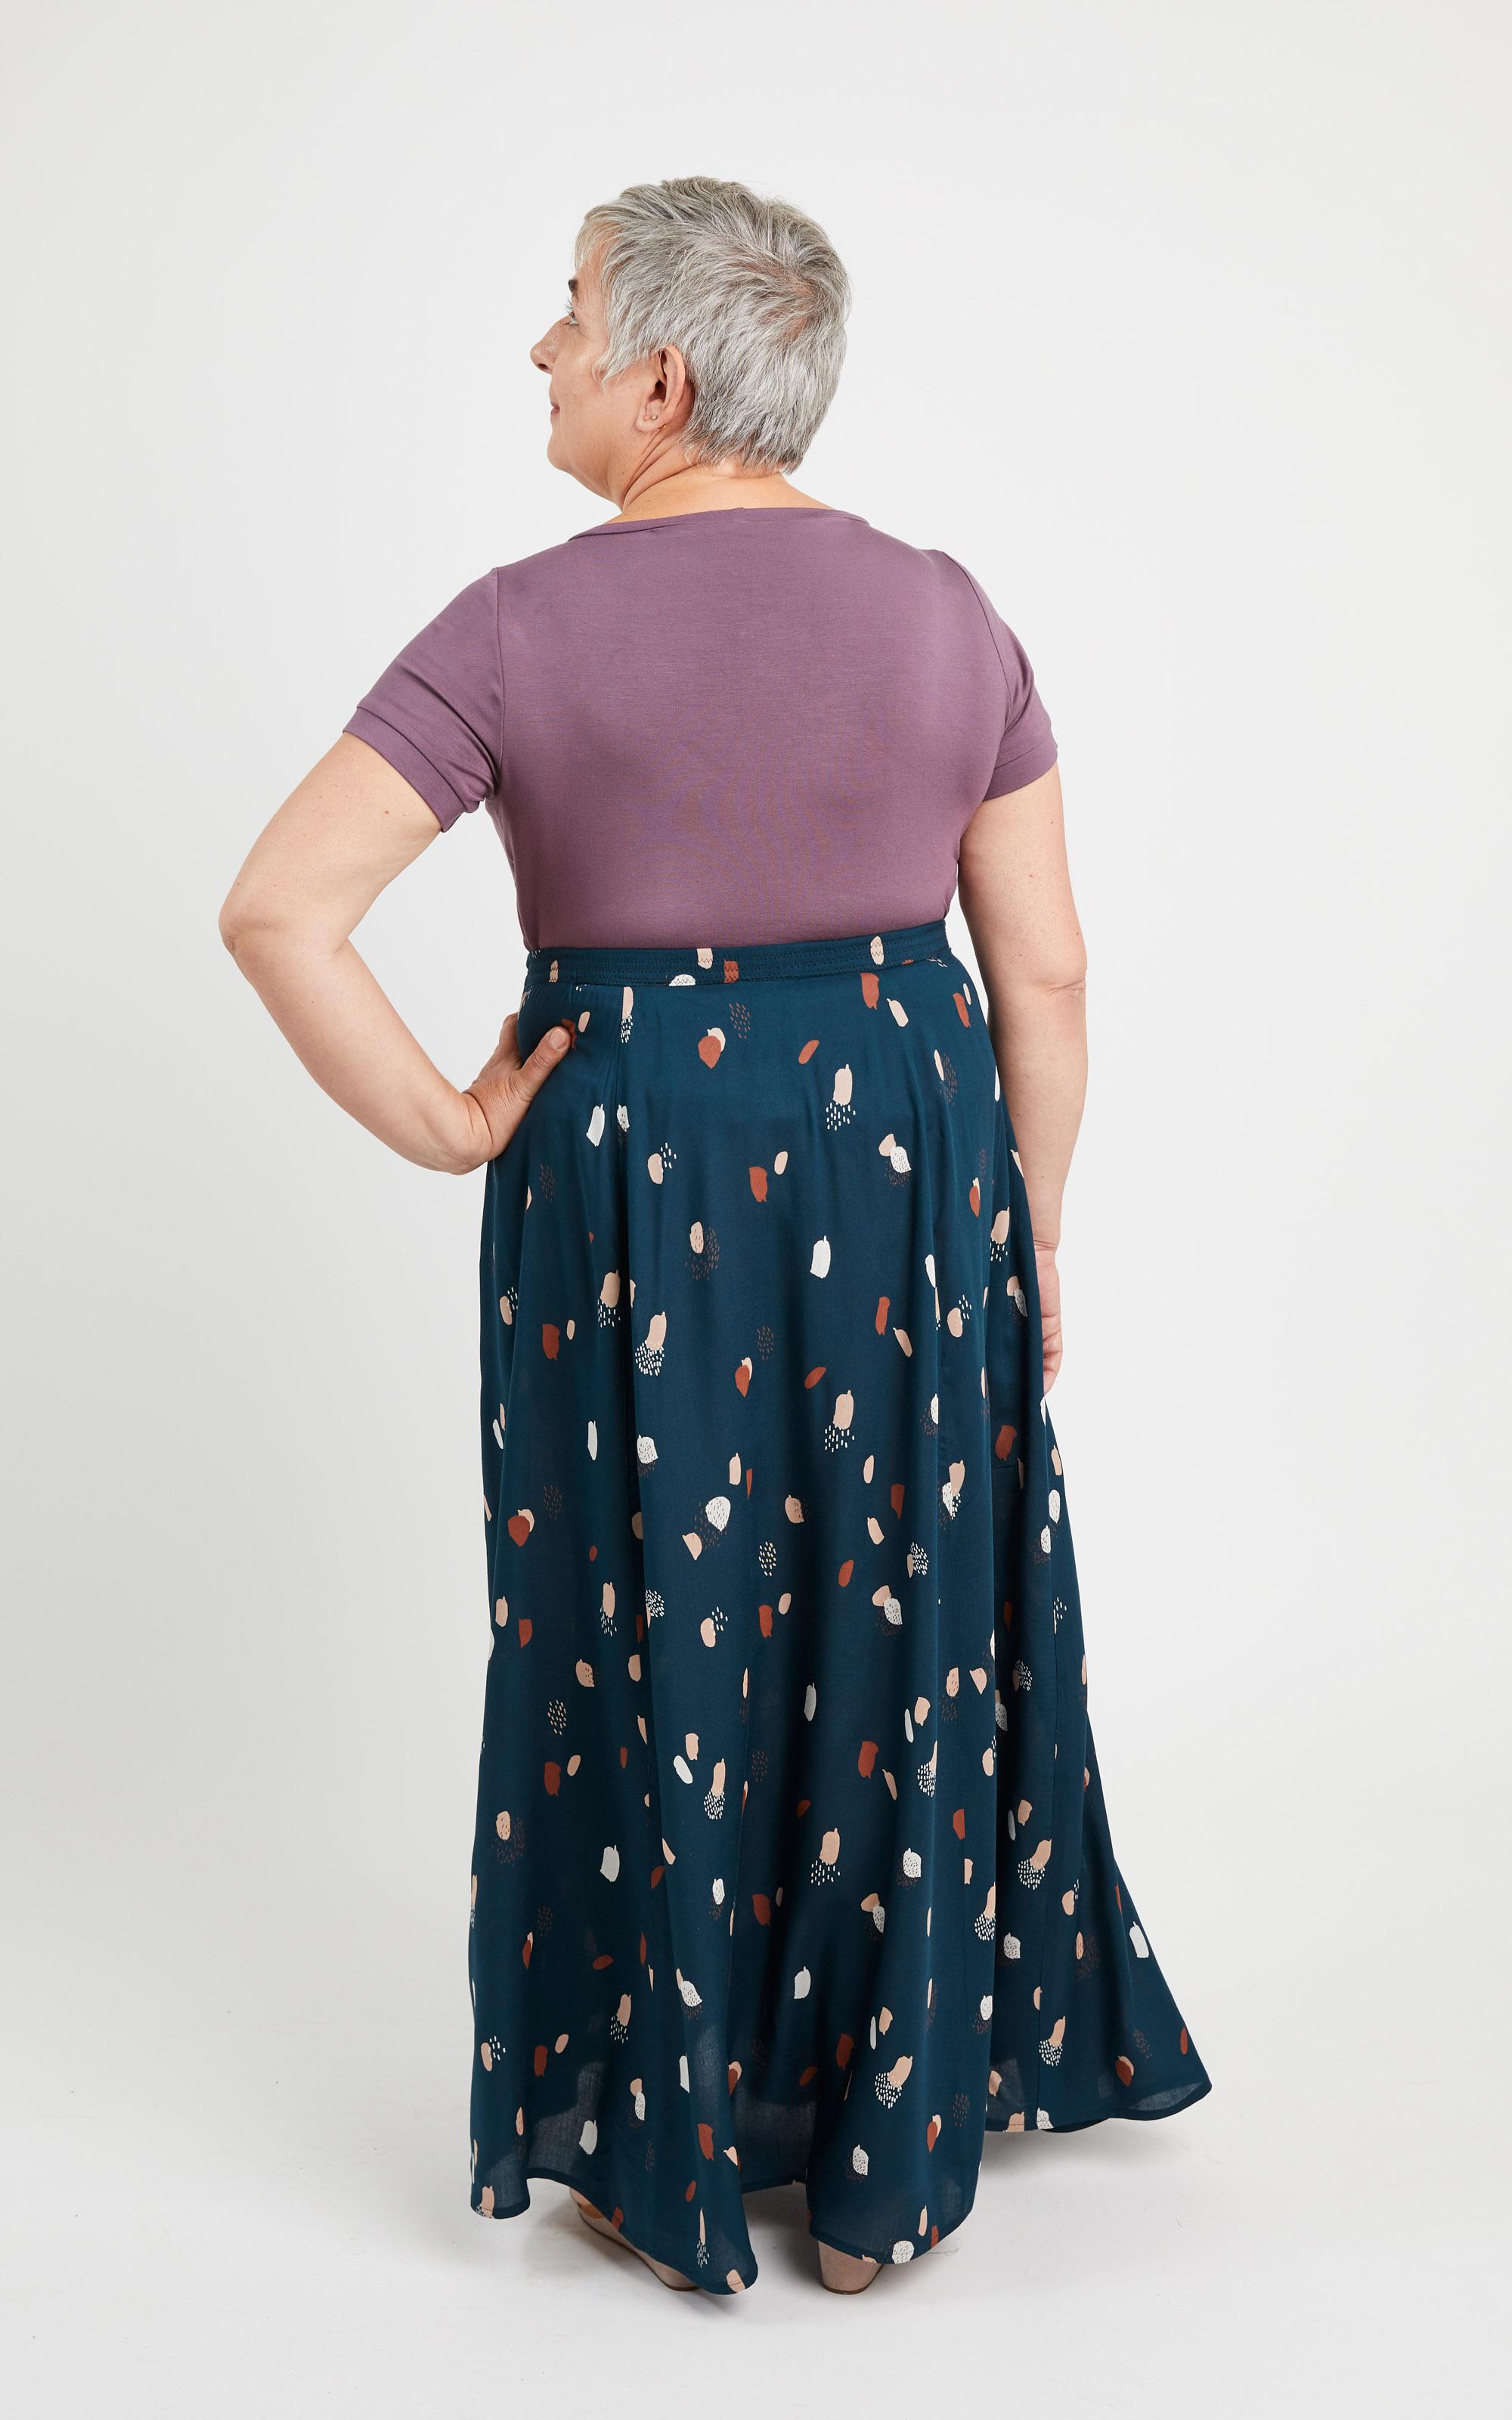 Cashmerette Holyoke Maxi Dress and Skirt sewing pattern